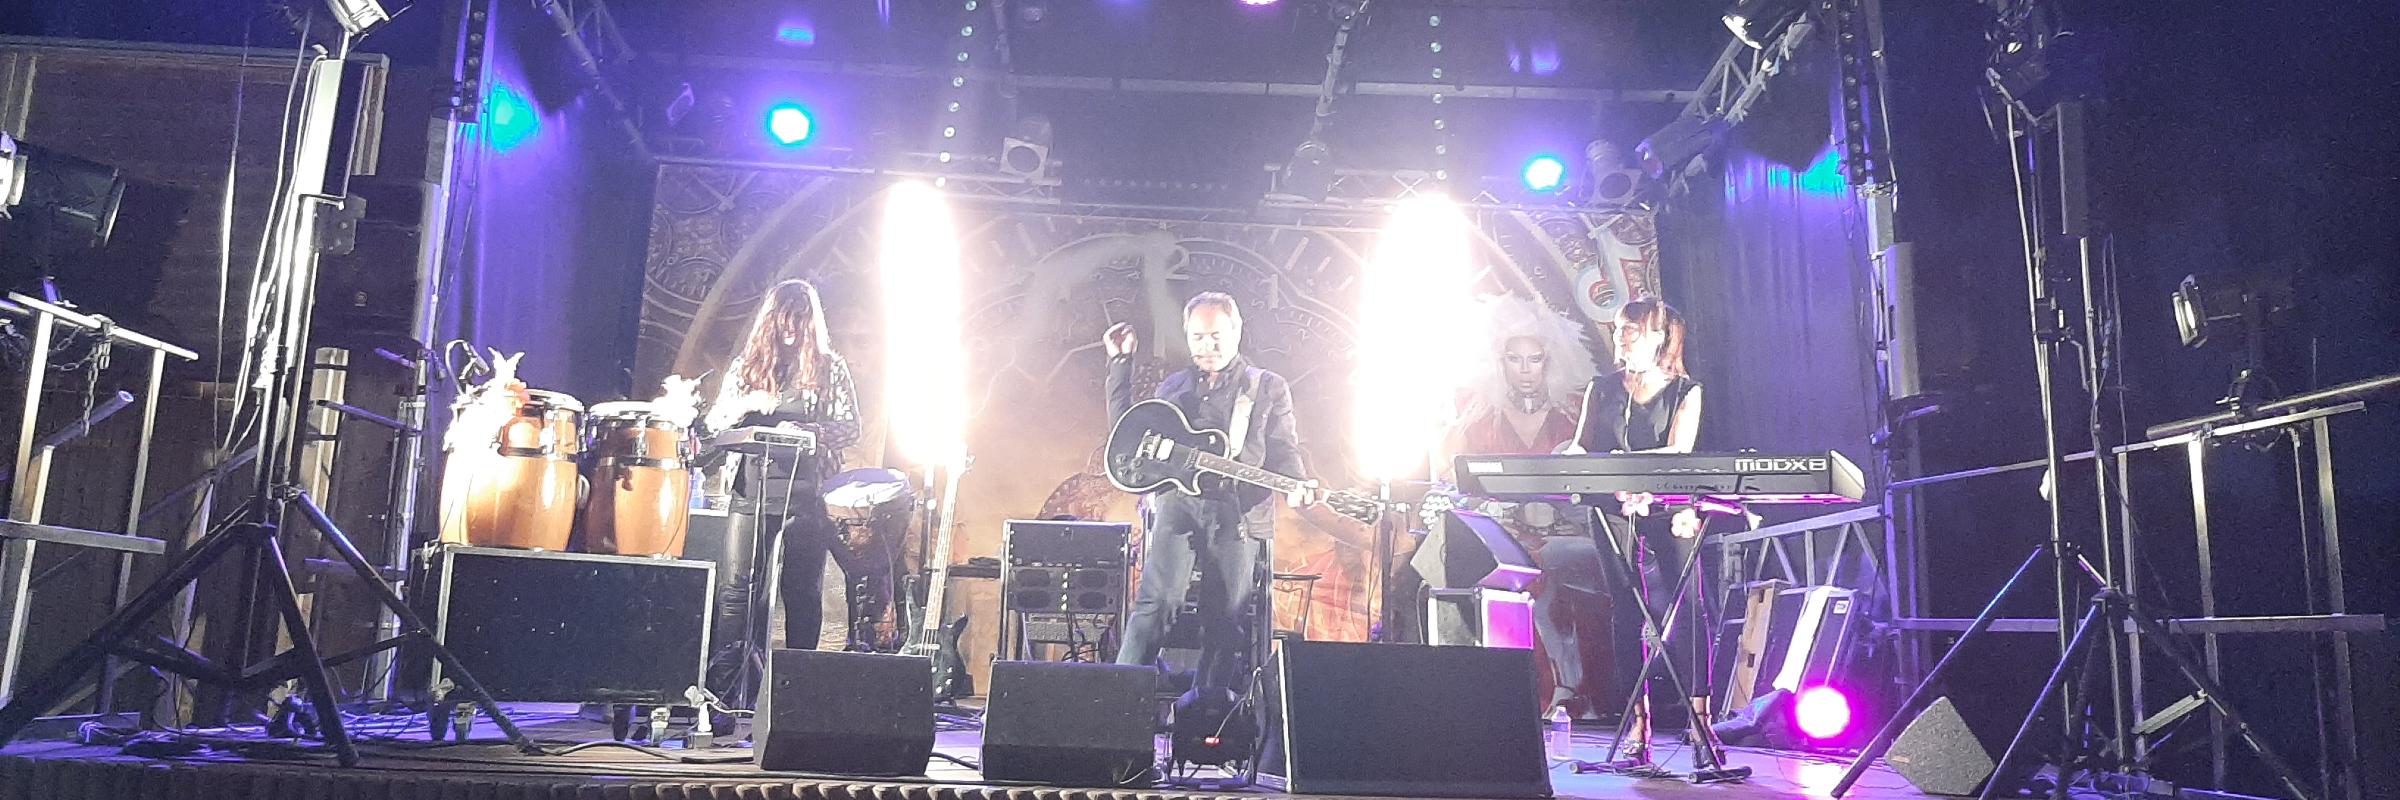 Lo Roch, groupe de musique Rock en représentation à Charente Maritime - photo de couverture n° 1